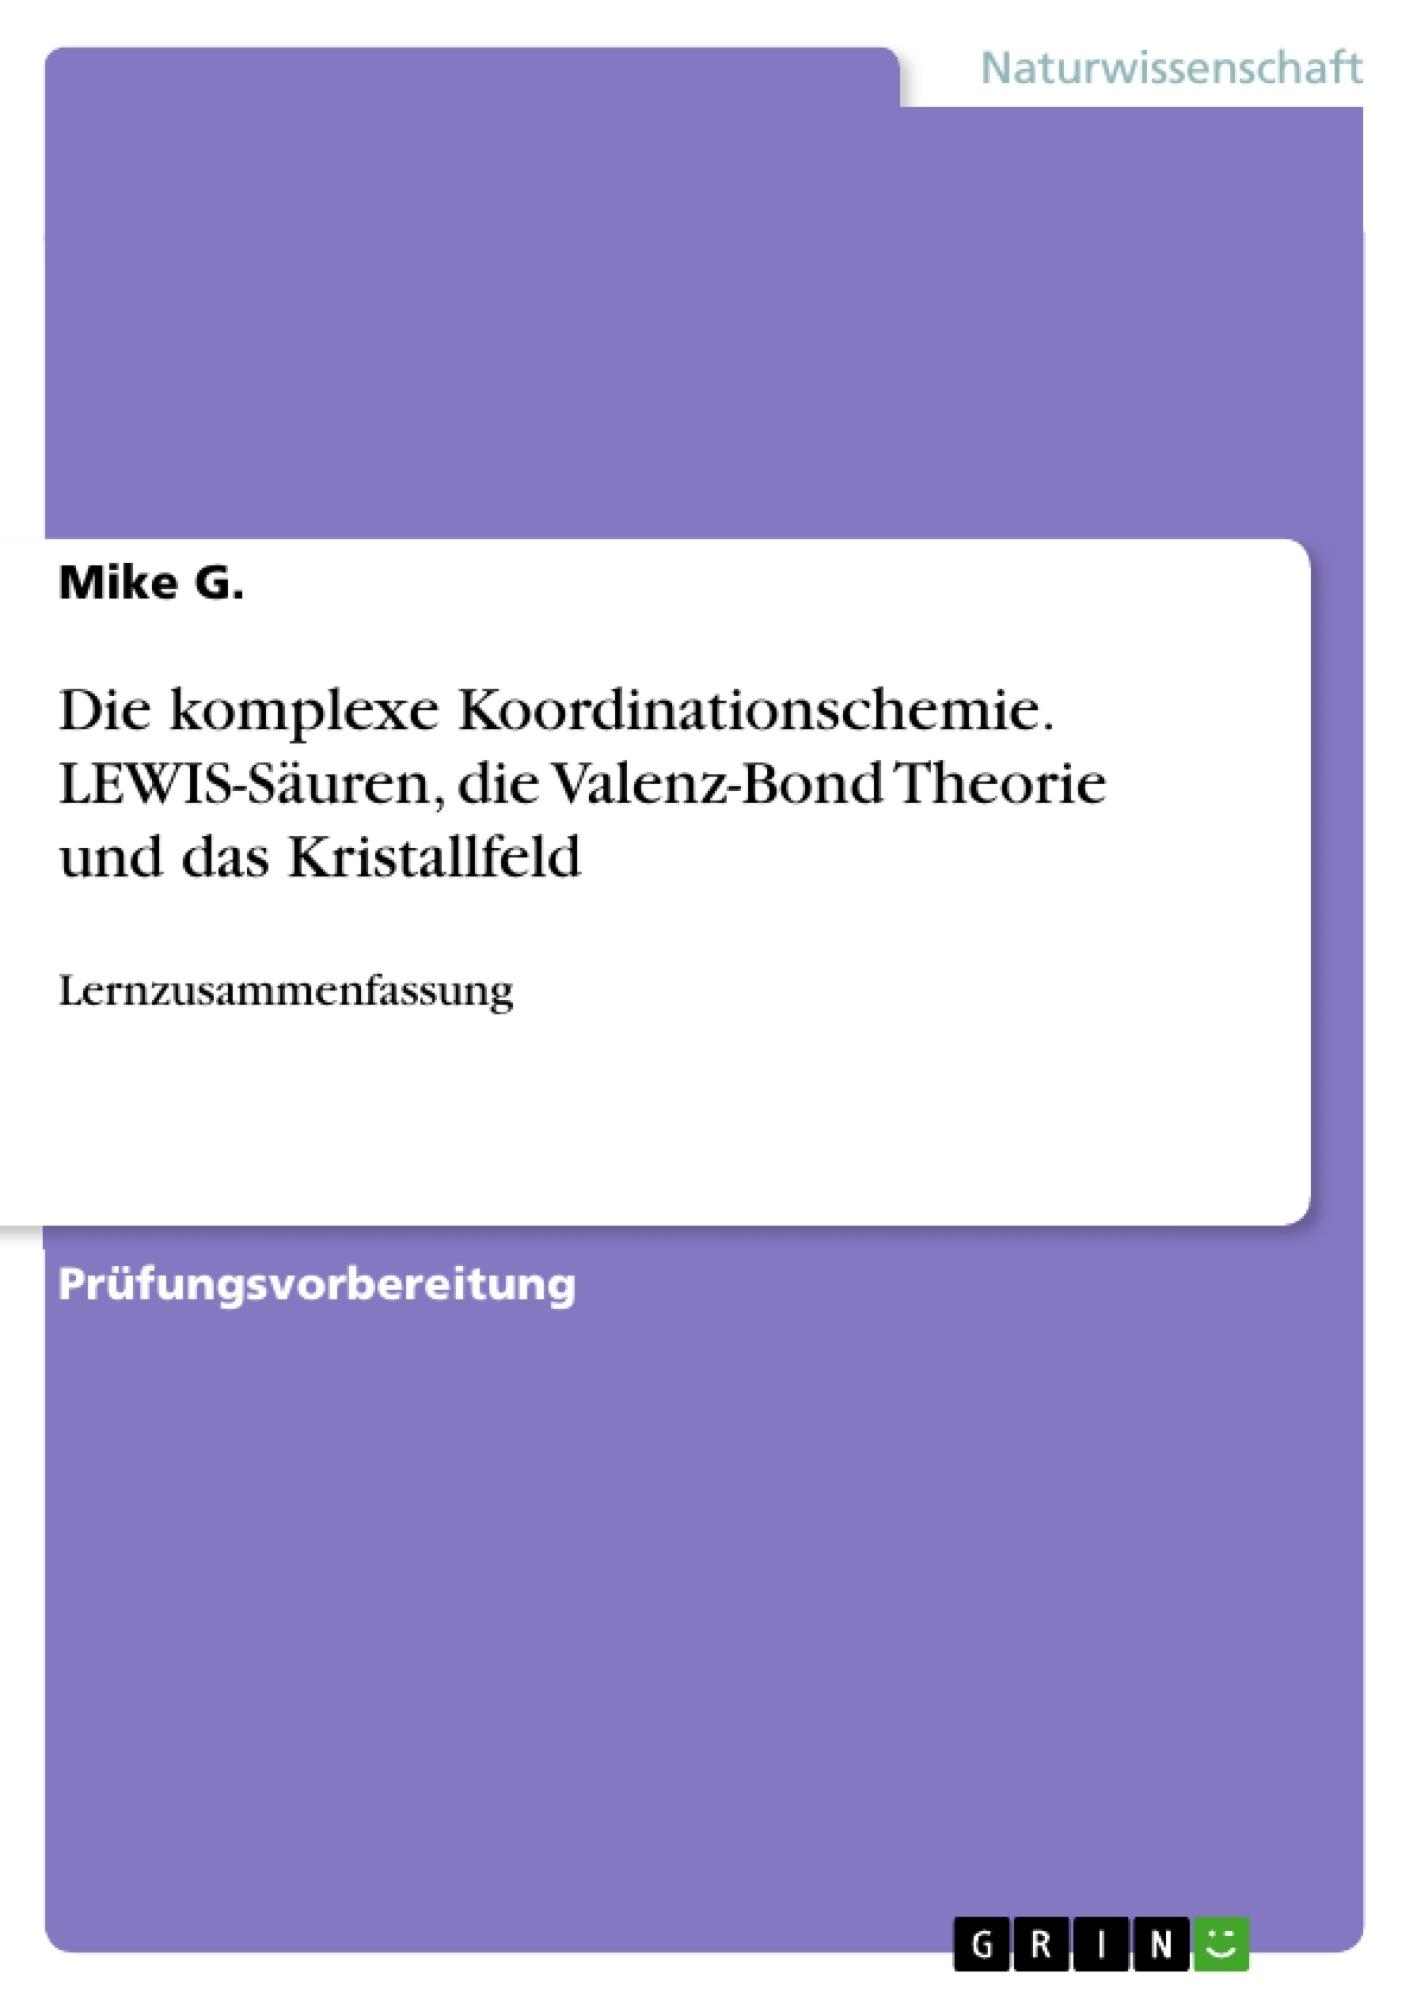 Titel: Die komplexe Koordinationschemie. LEWIS-Säuren, die Valenz-Bond Theorie und das Kristallfeld